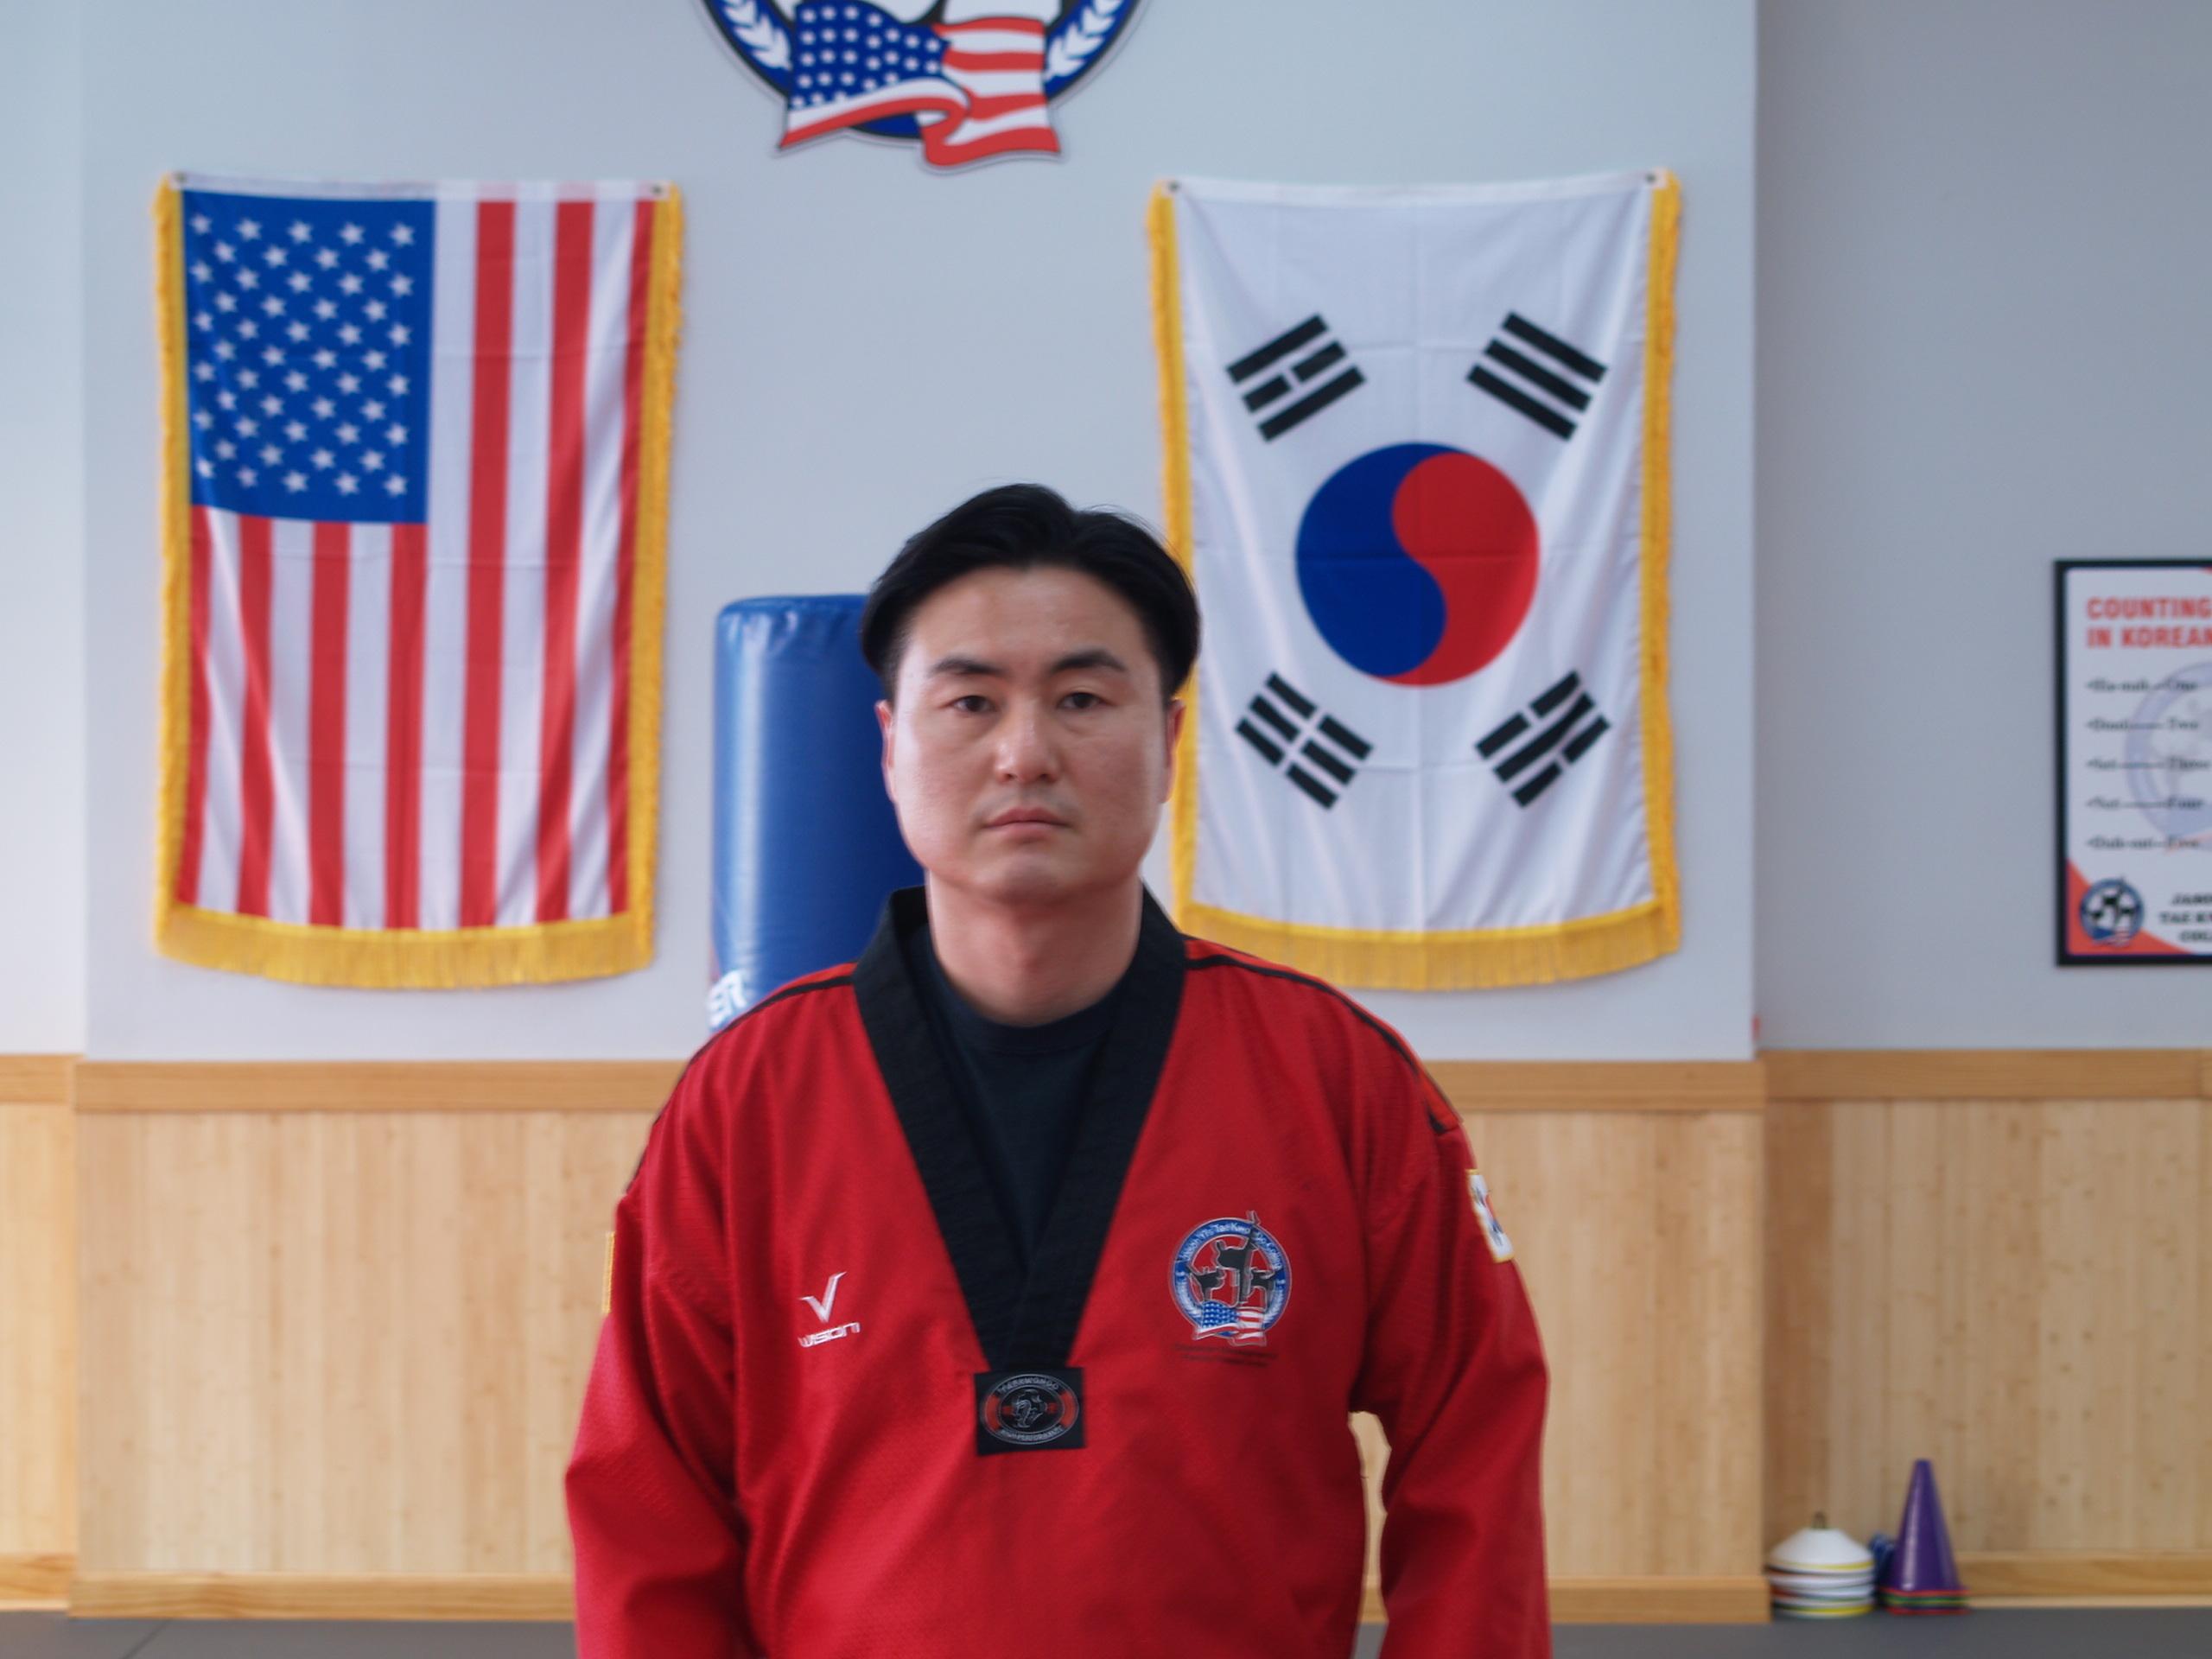 Mr Kang